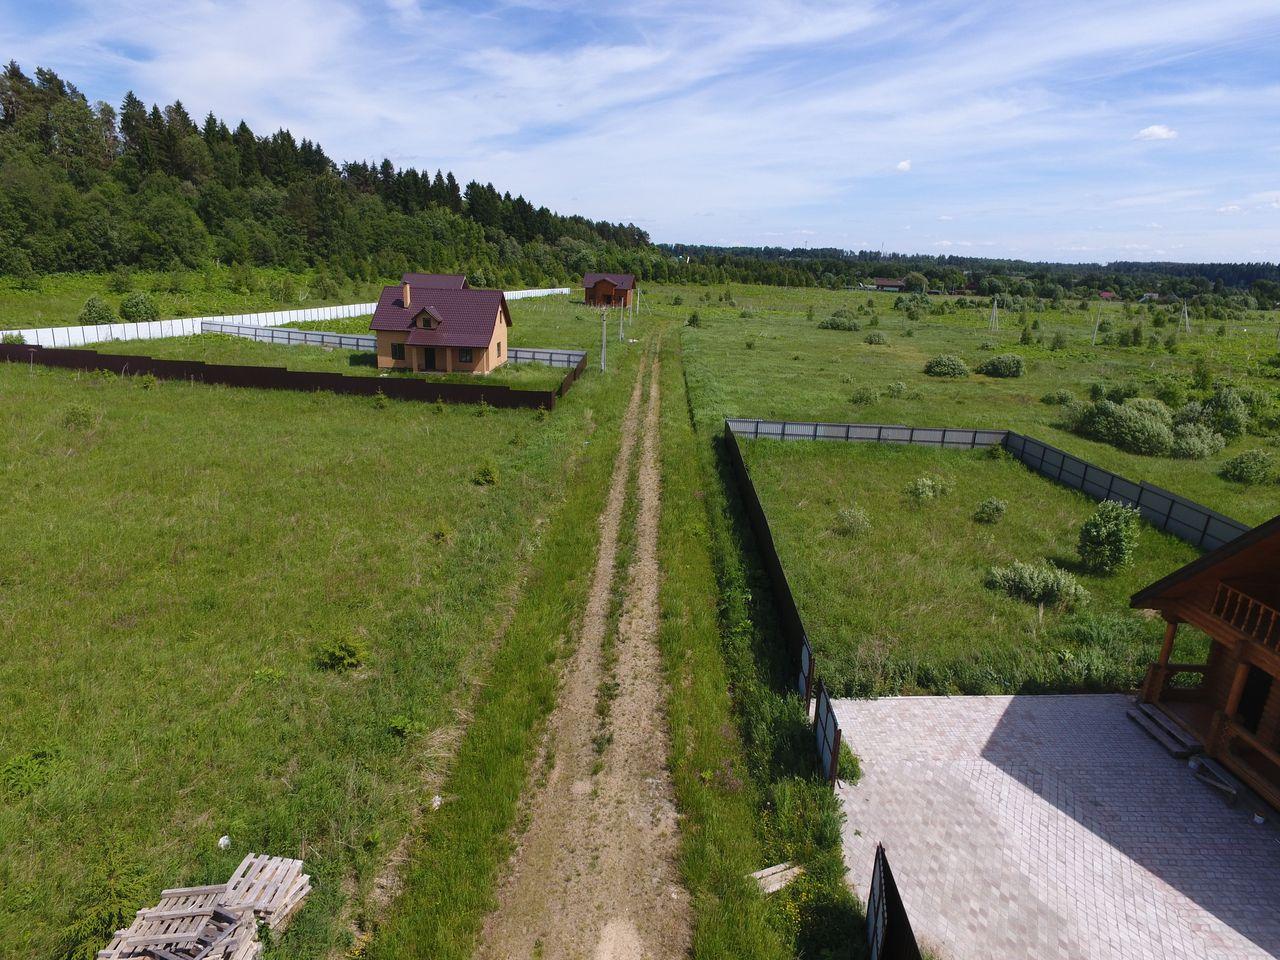 Участок для дачного строительства в Федотово - Изображение 5